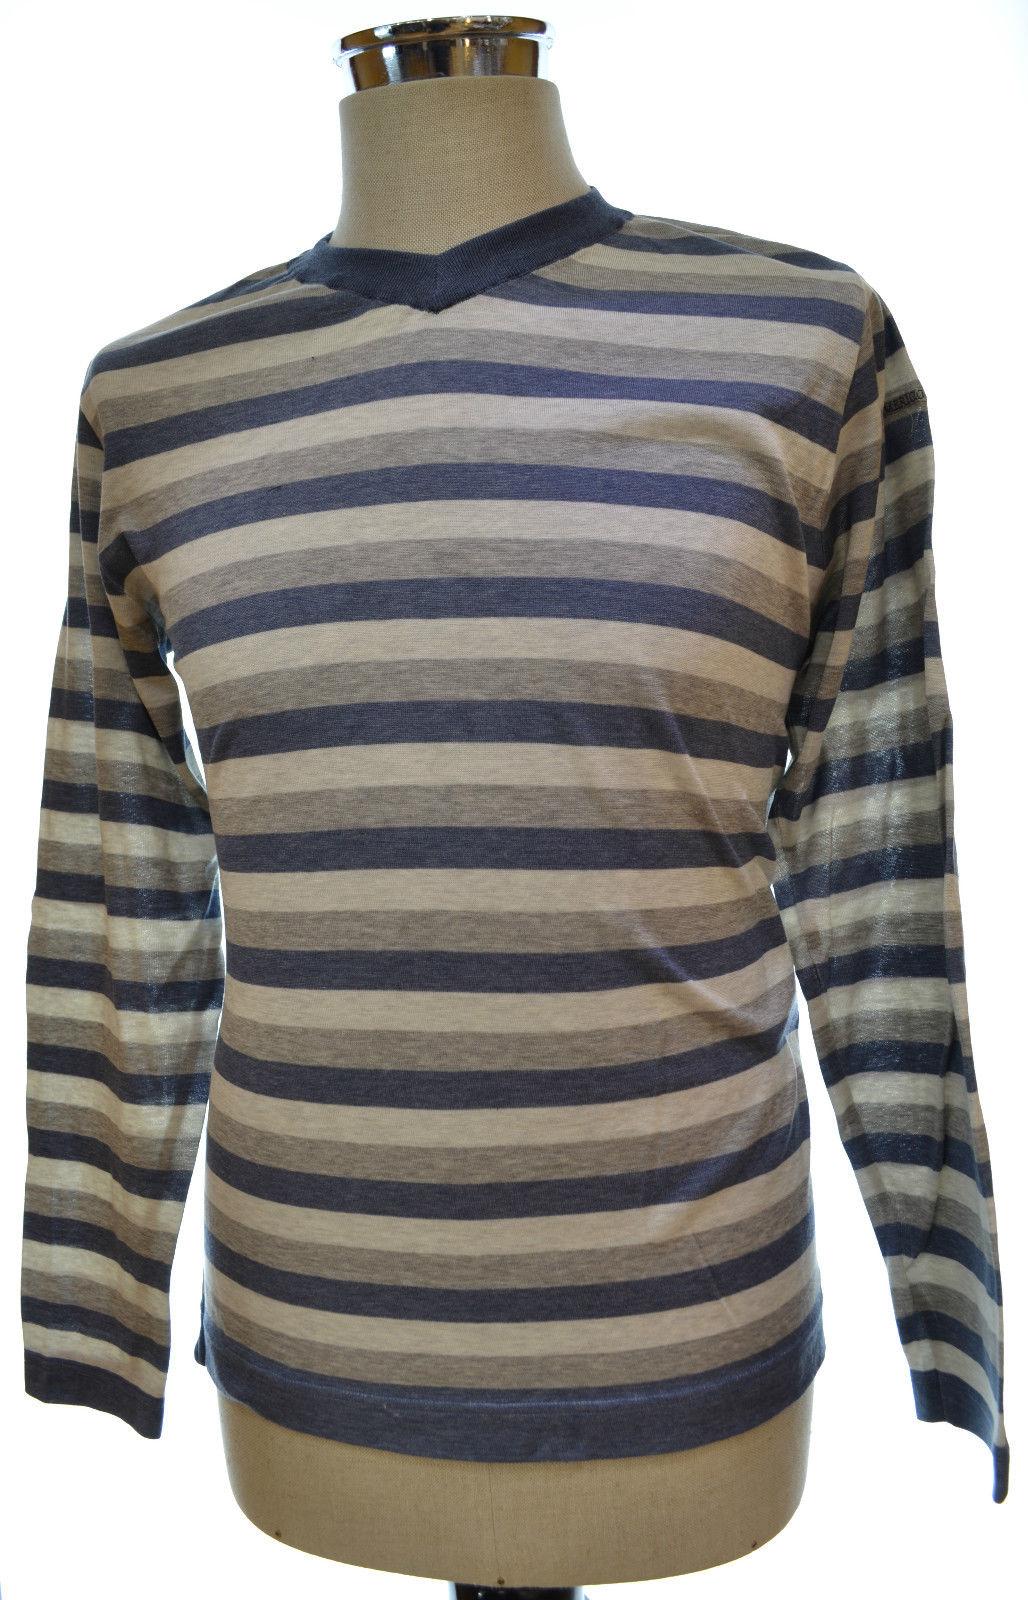 Vespucci Uomo Camicie Uomo Amerigo Amerigo Uomo Camicie Vespucci Camicie K13TFJlc